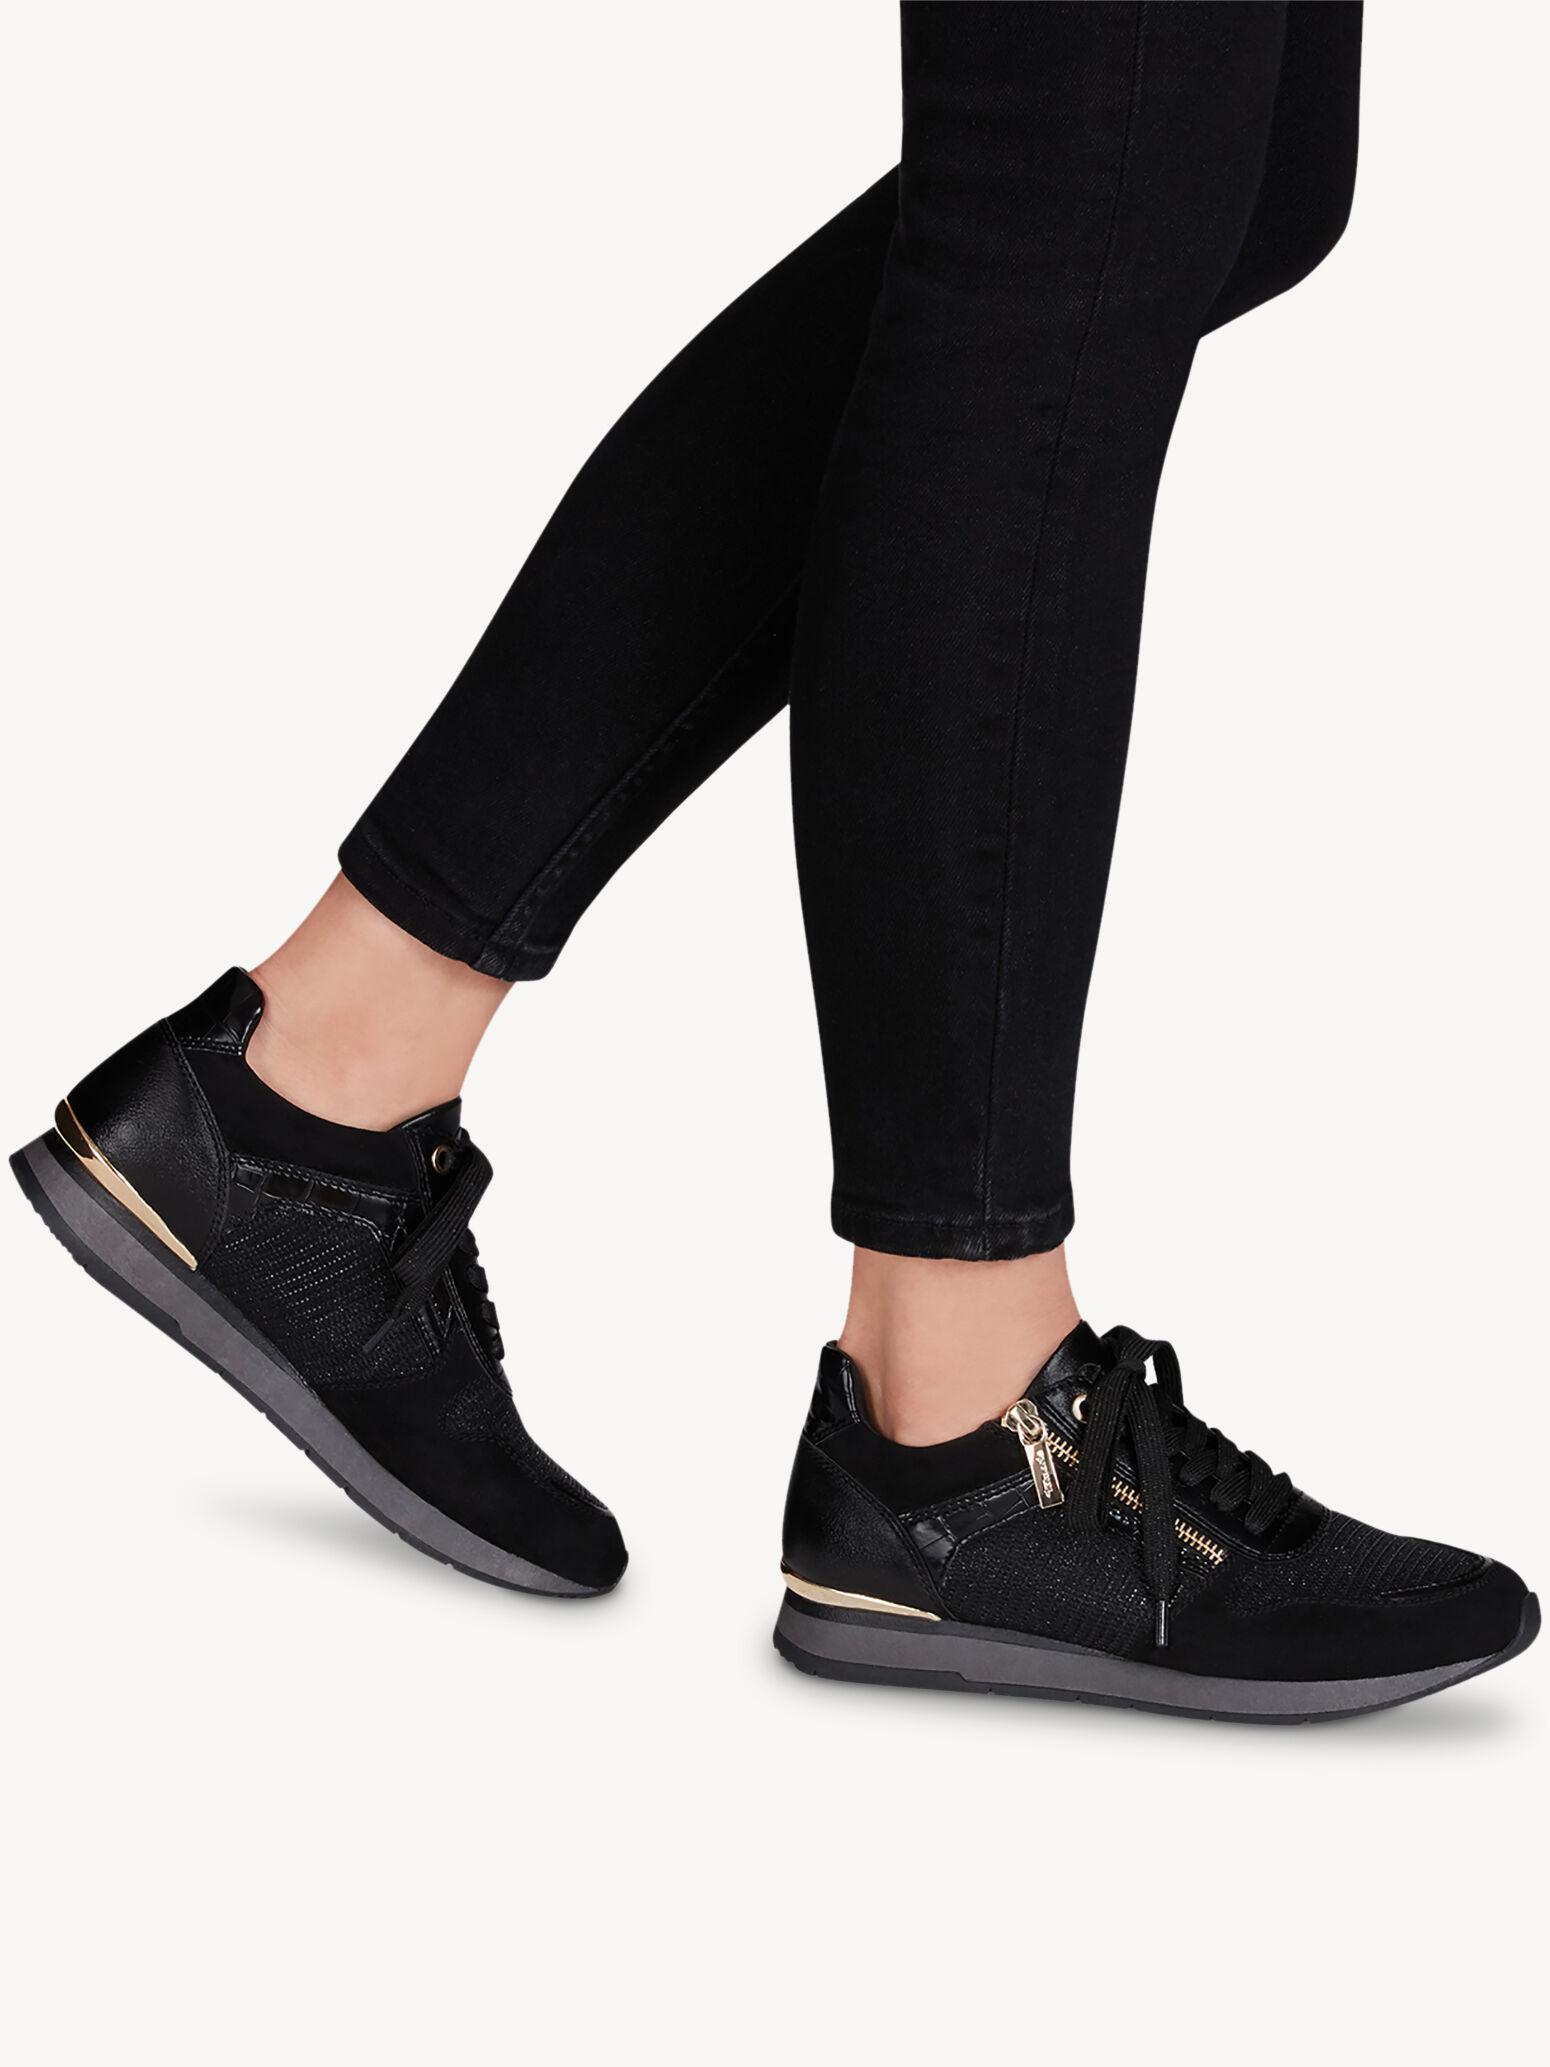 tamaris sneakers black